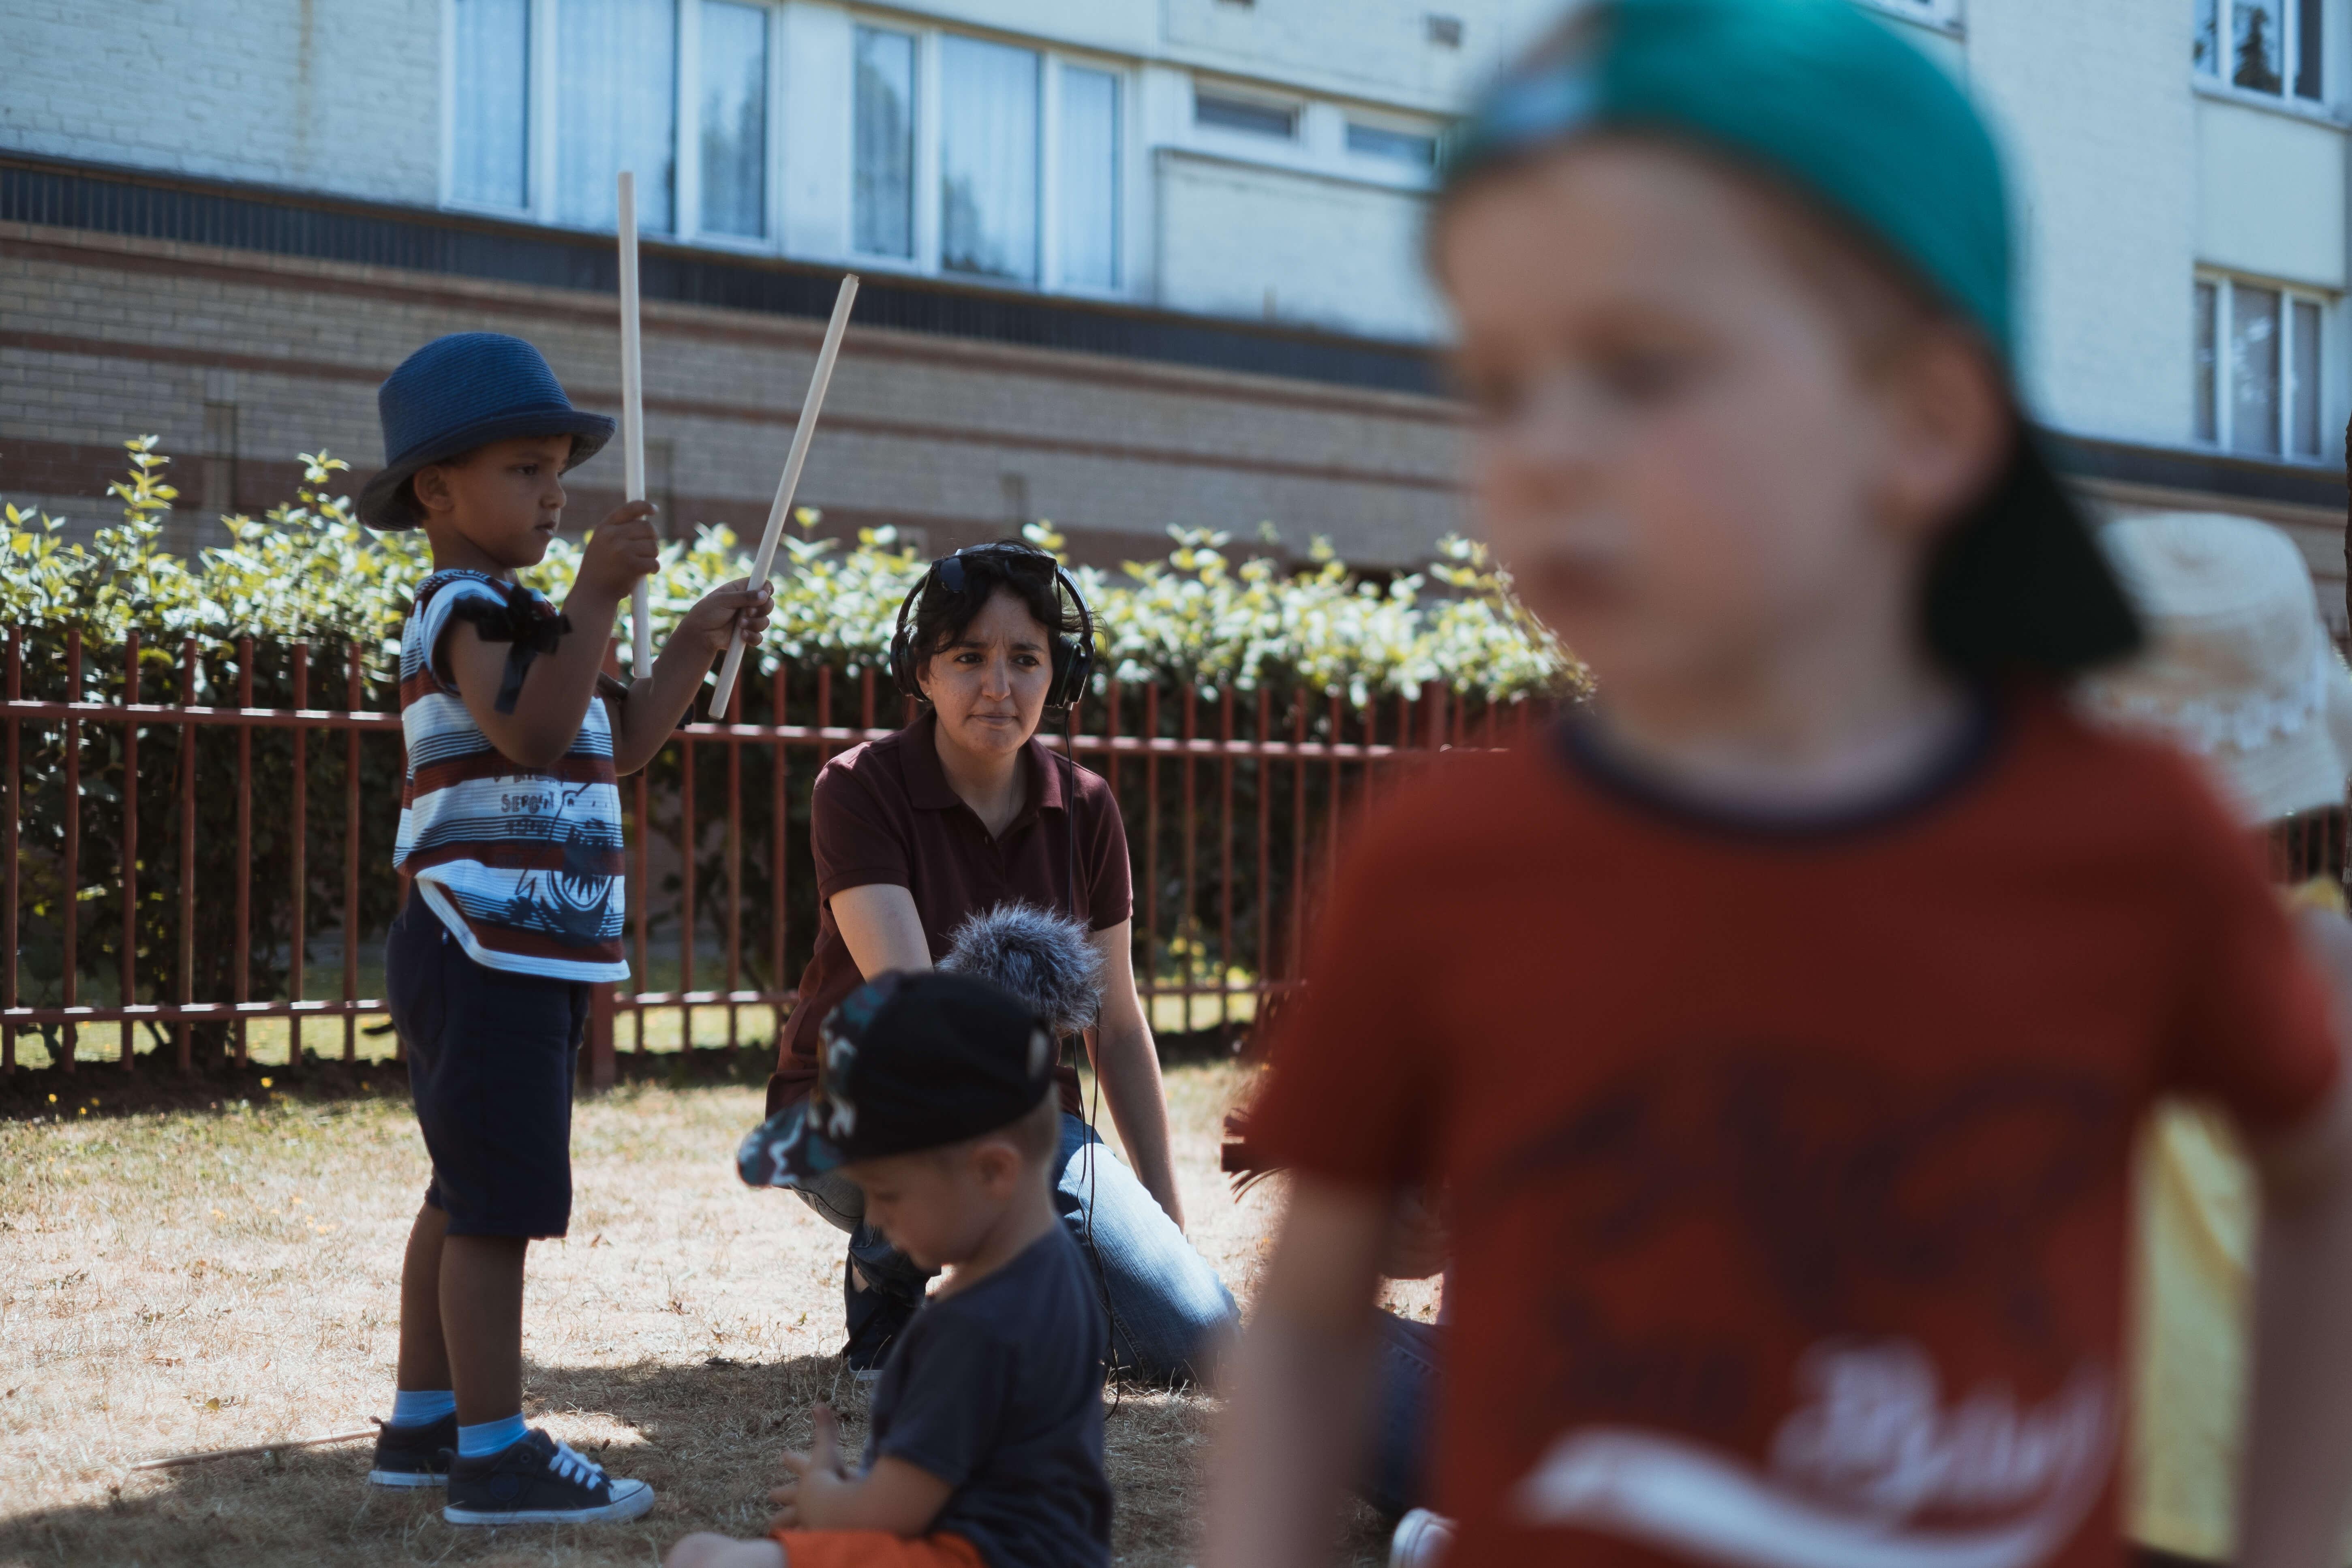 Louezna enregistre et interview des enfants du Centre Social & Culturel de Marcq-en-Barœul pendant un atelier d'initiation aux arts du cirque avec l'association Badinage artistique.